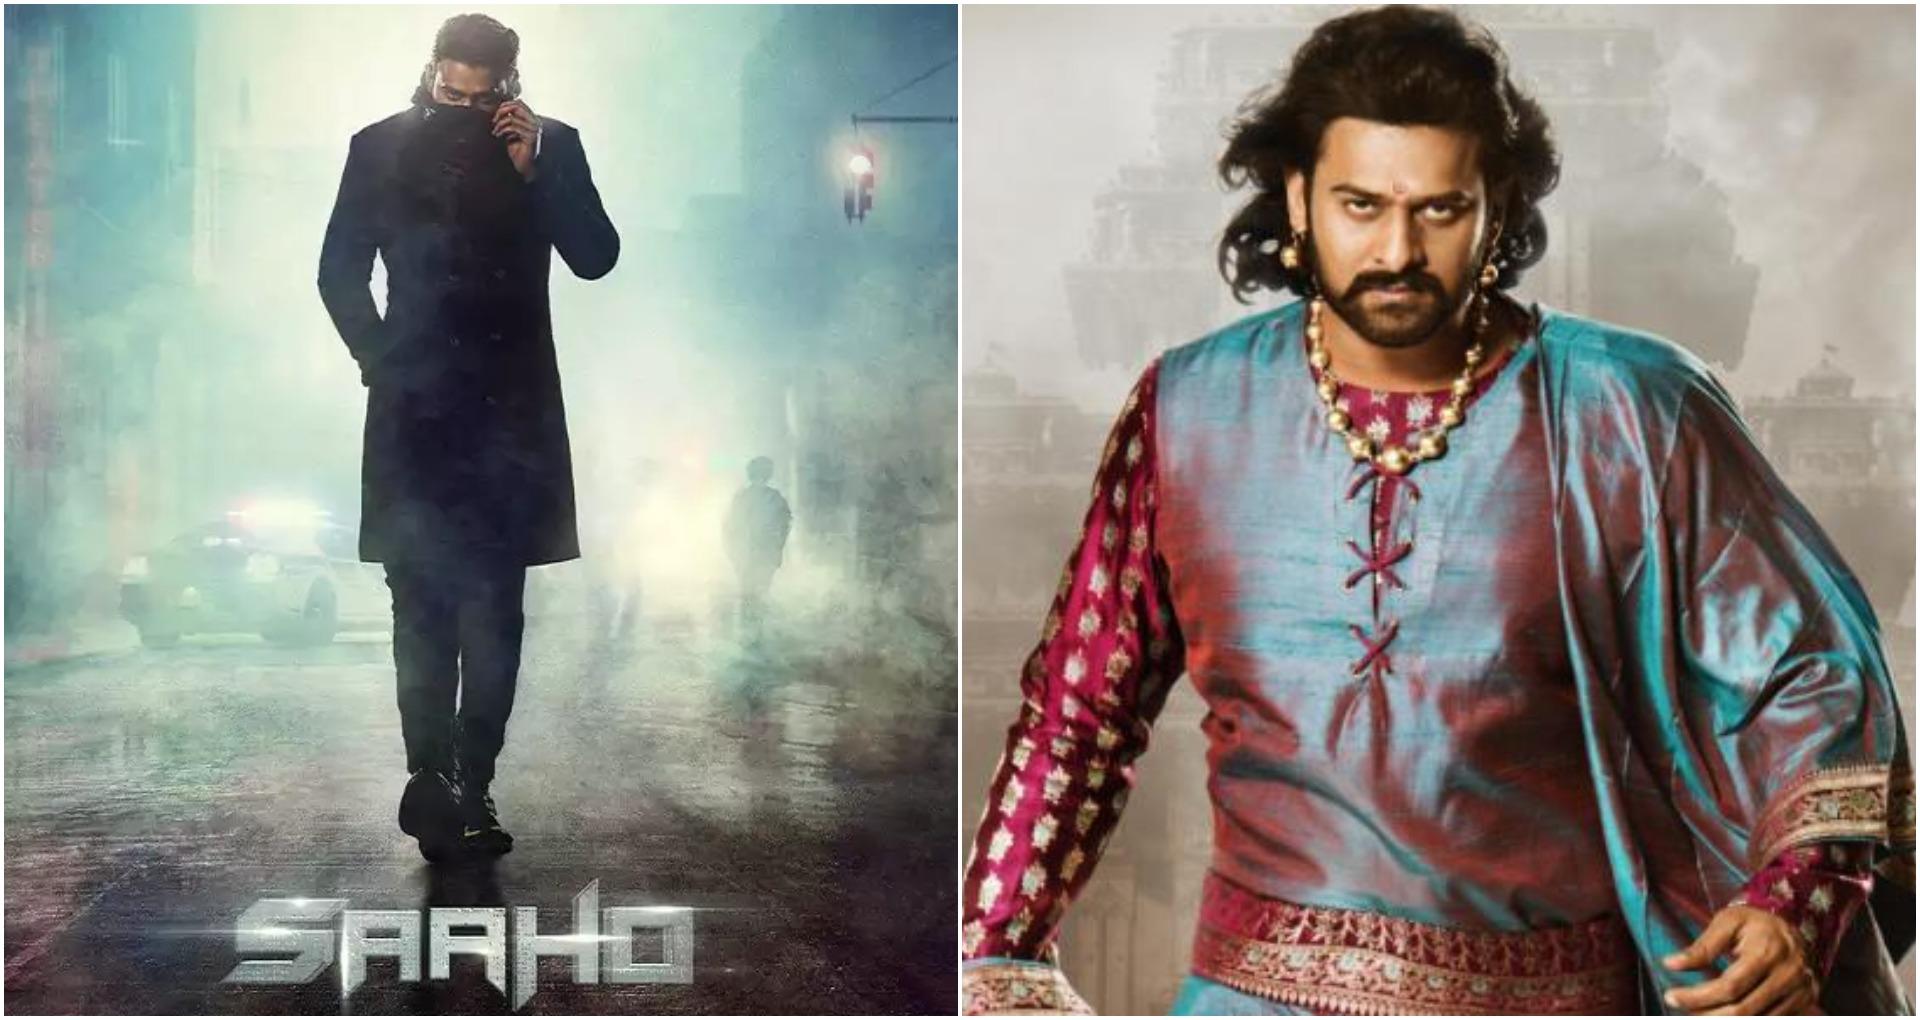 Saaho Movie Review: एक्शन से भरपूर है फिल्म, लेकिन जानें क्या 'बाहुबली' से आगे निकल पाएगी प्रभास की साहो?